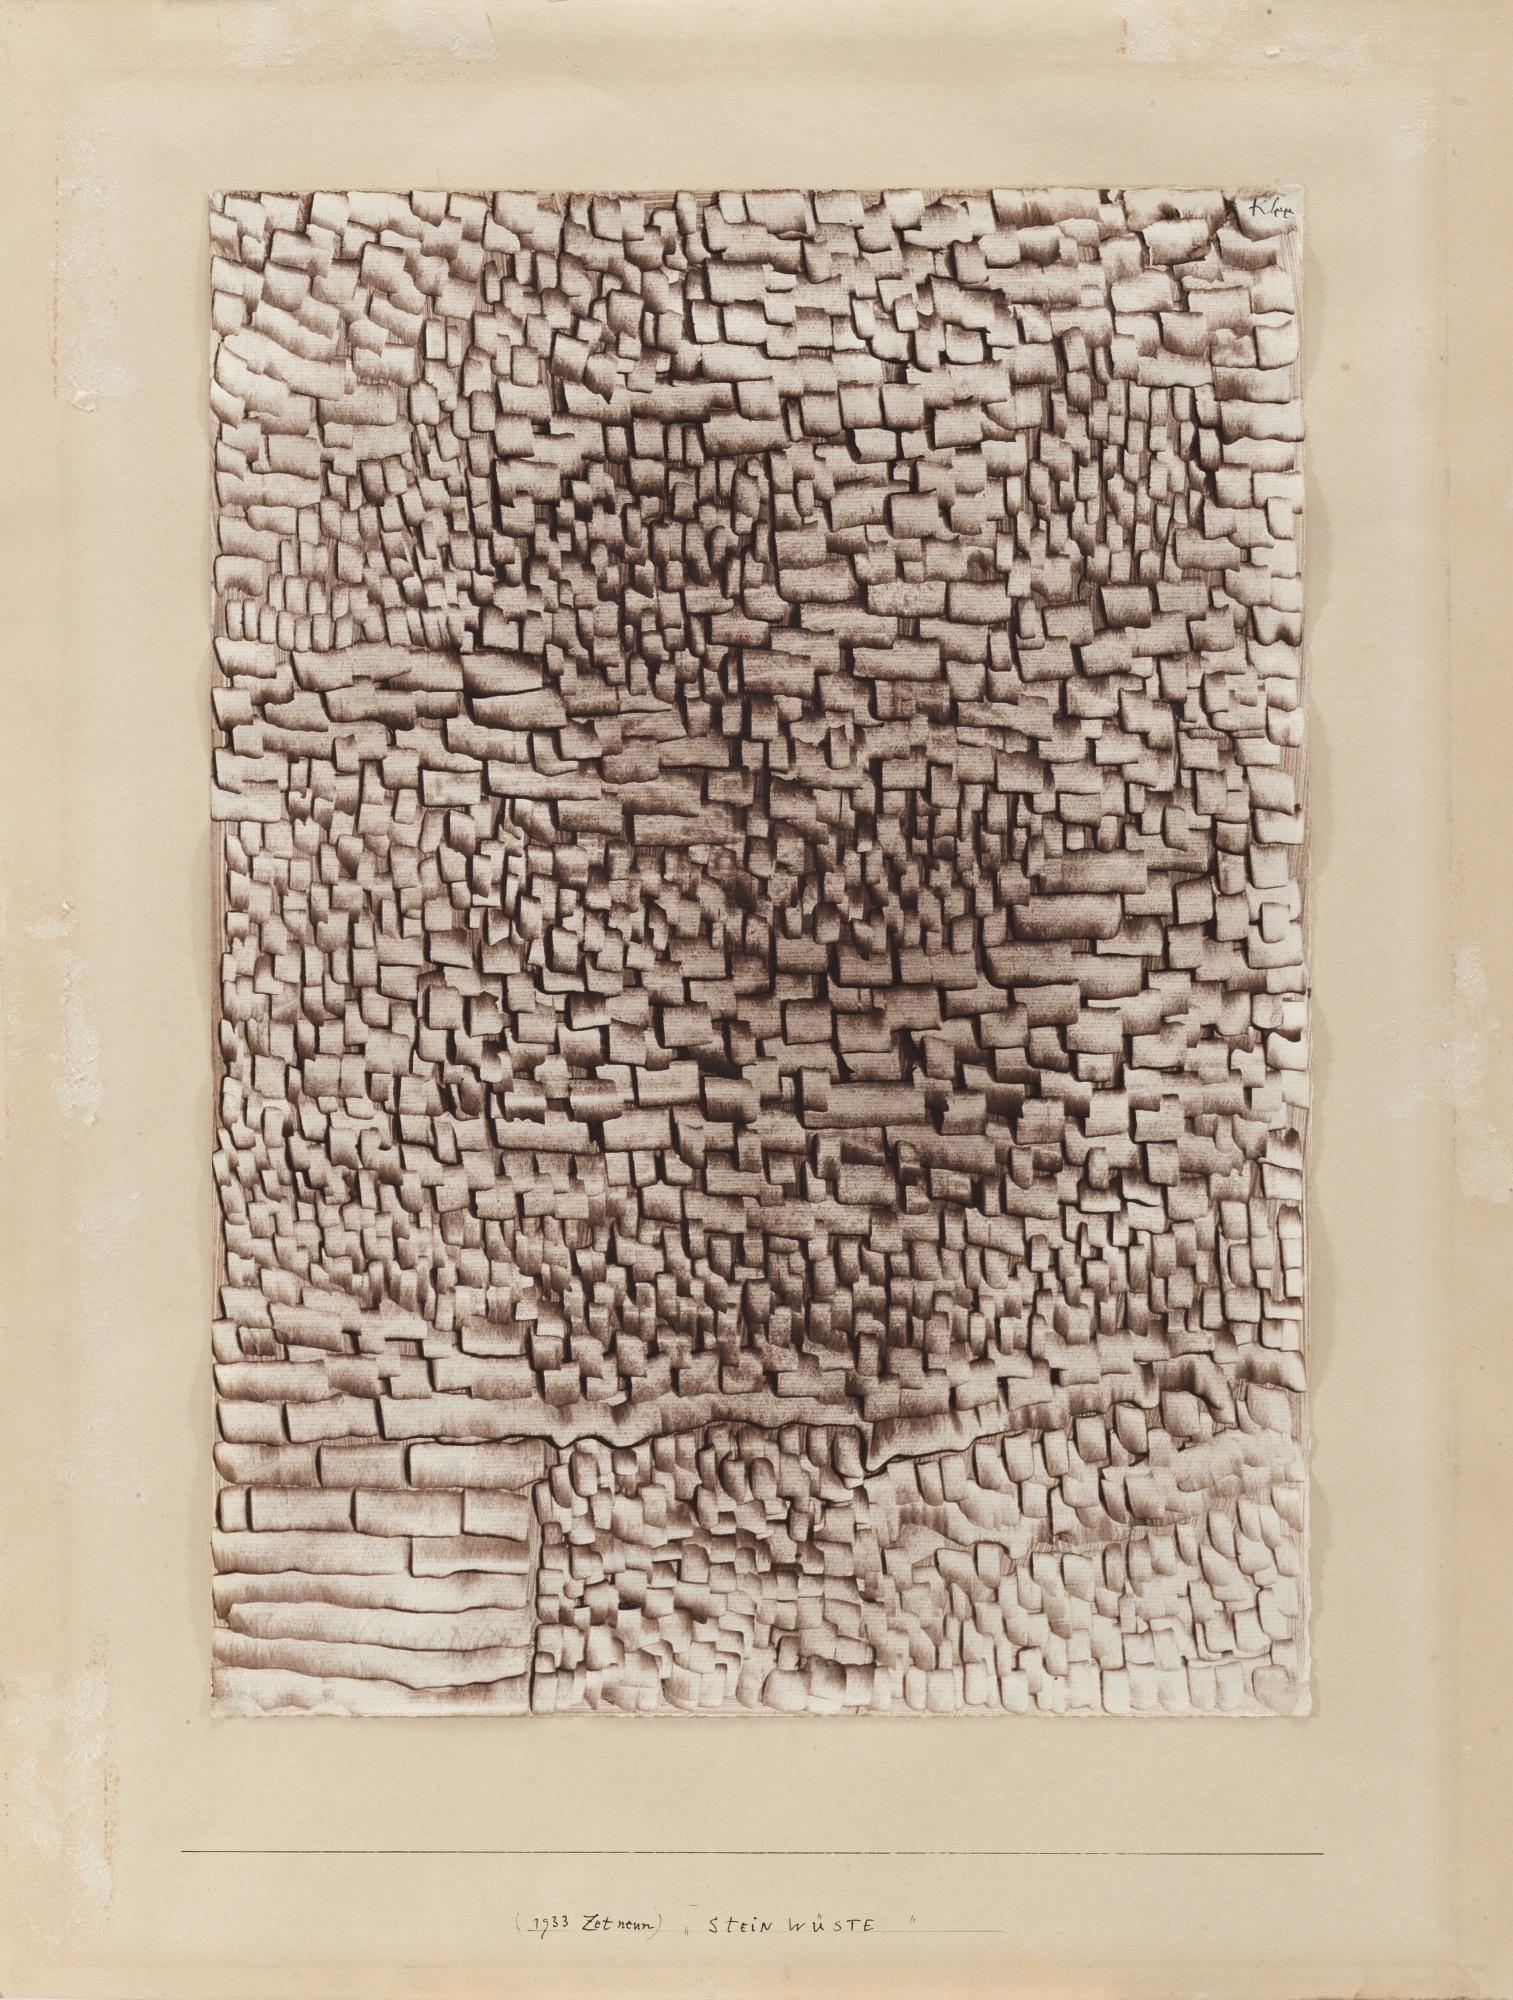 Paul Klee-Steinwuste (Stone Desert)-1933